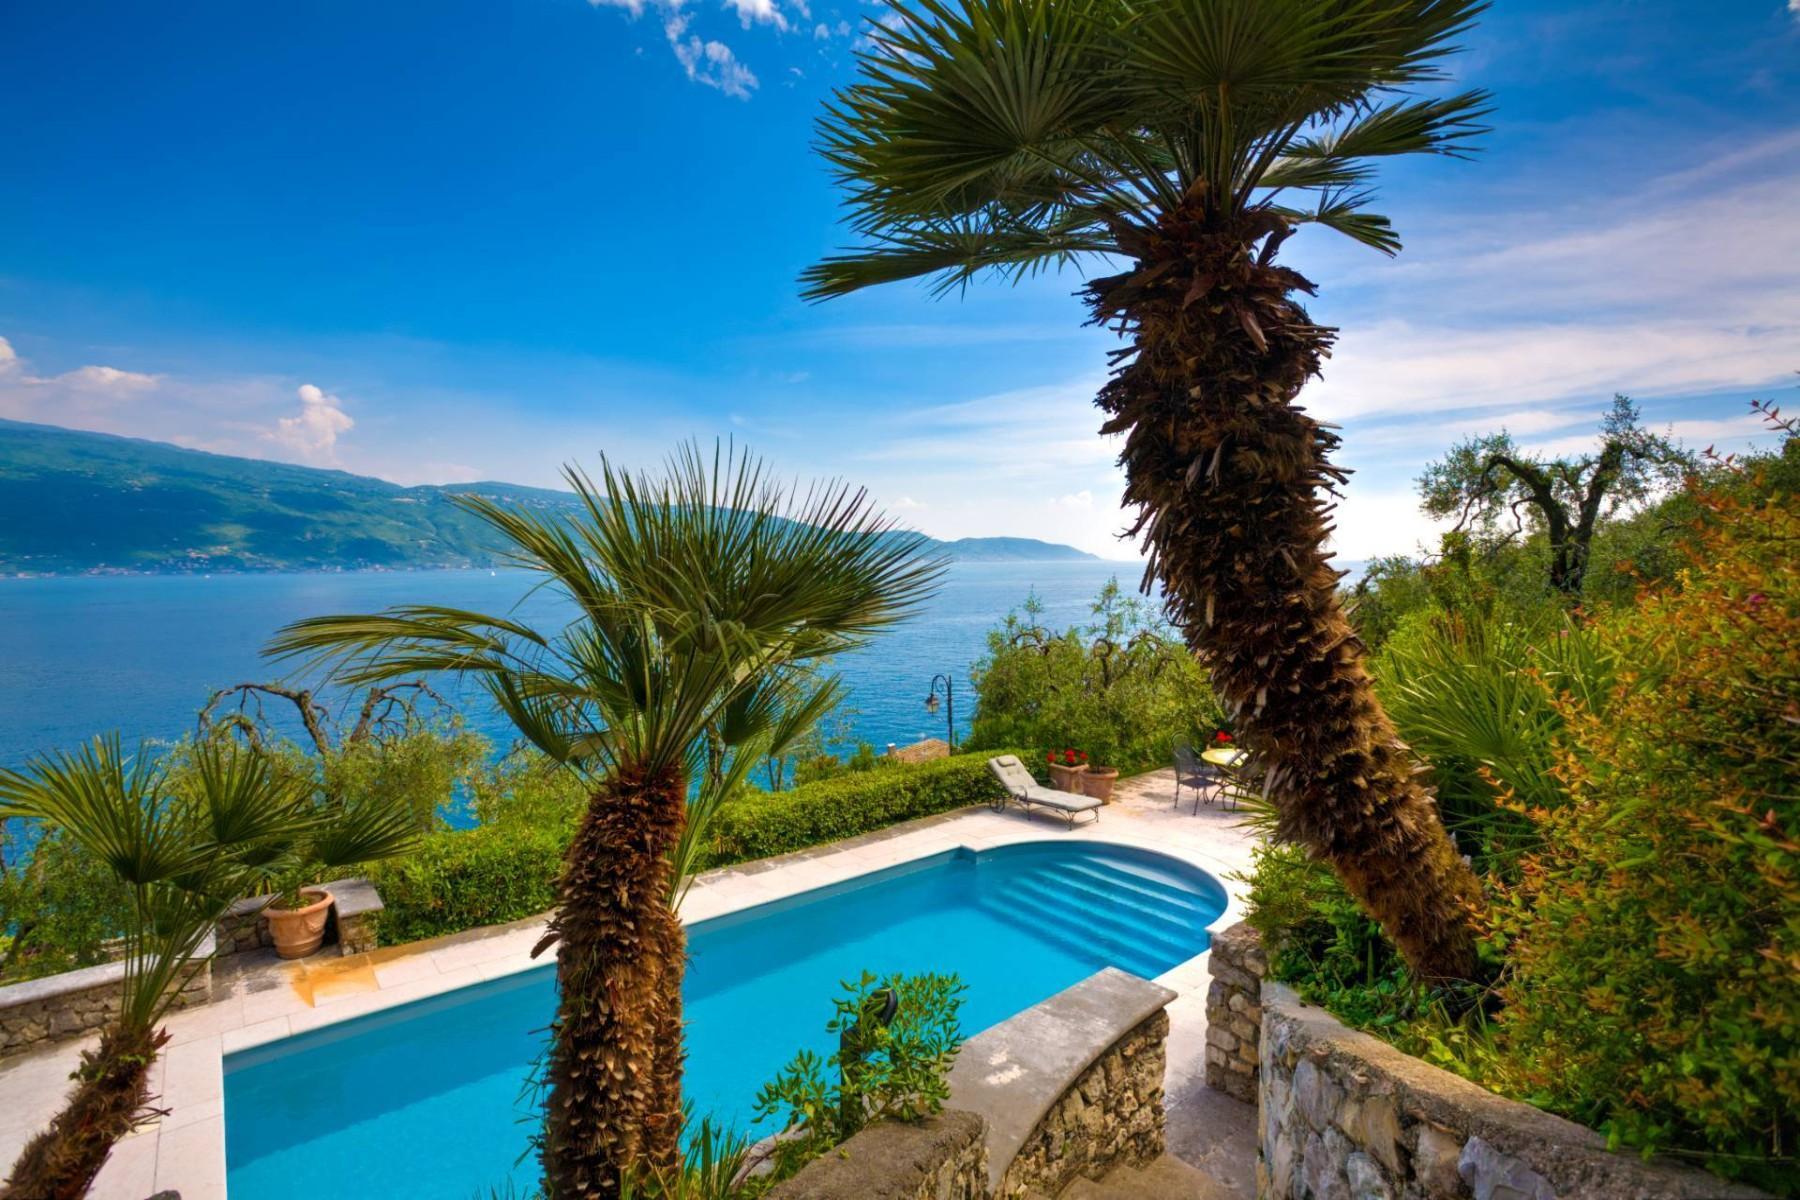 Atemberaubende moderne Villa mit exklusivem Pool und herrlichem Seeblick - 11